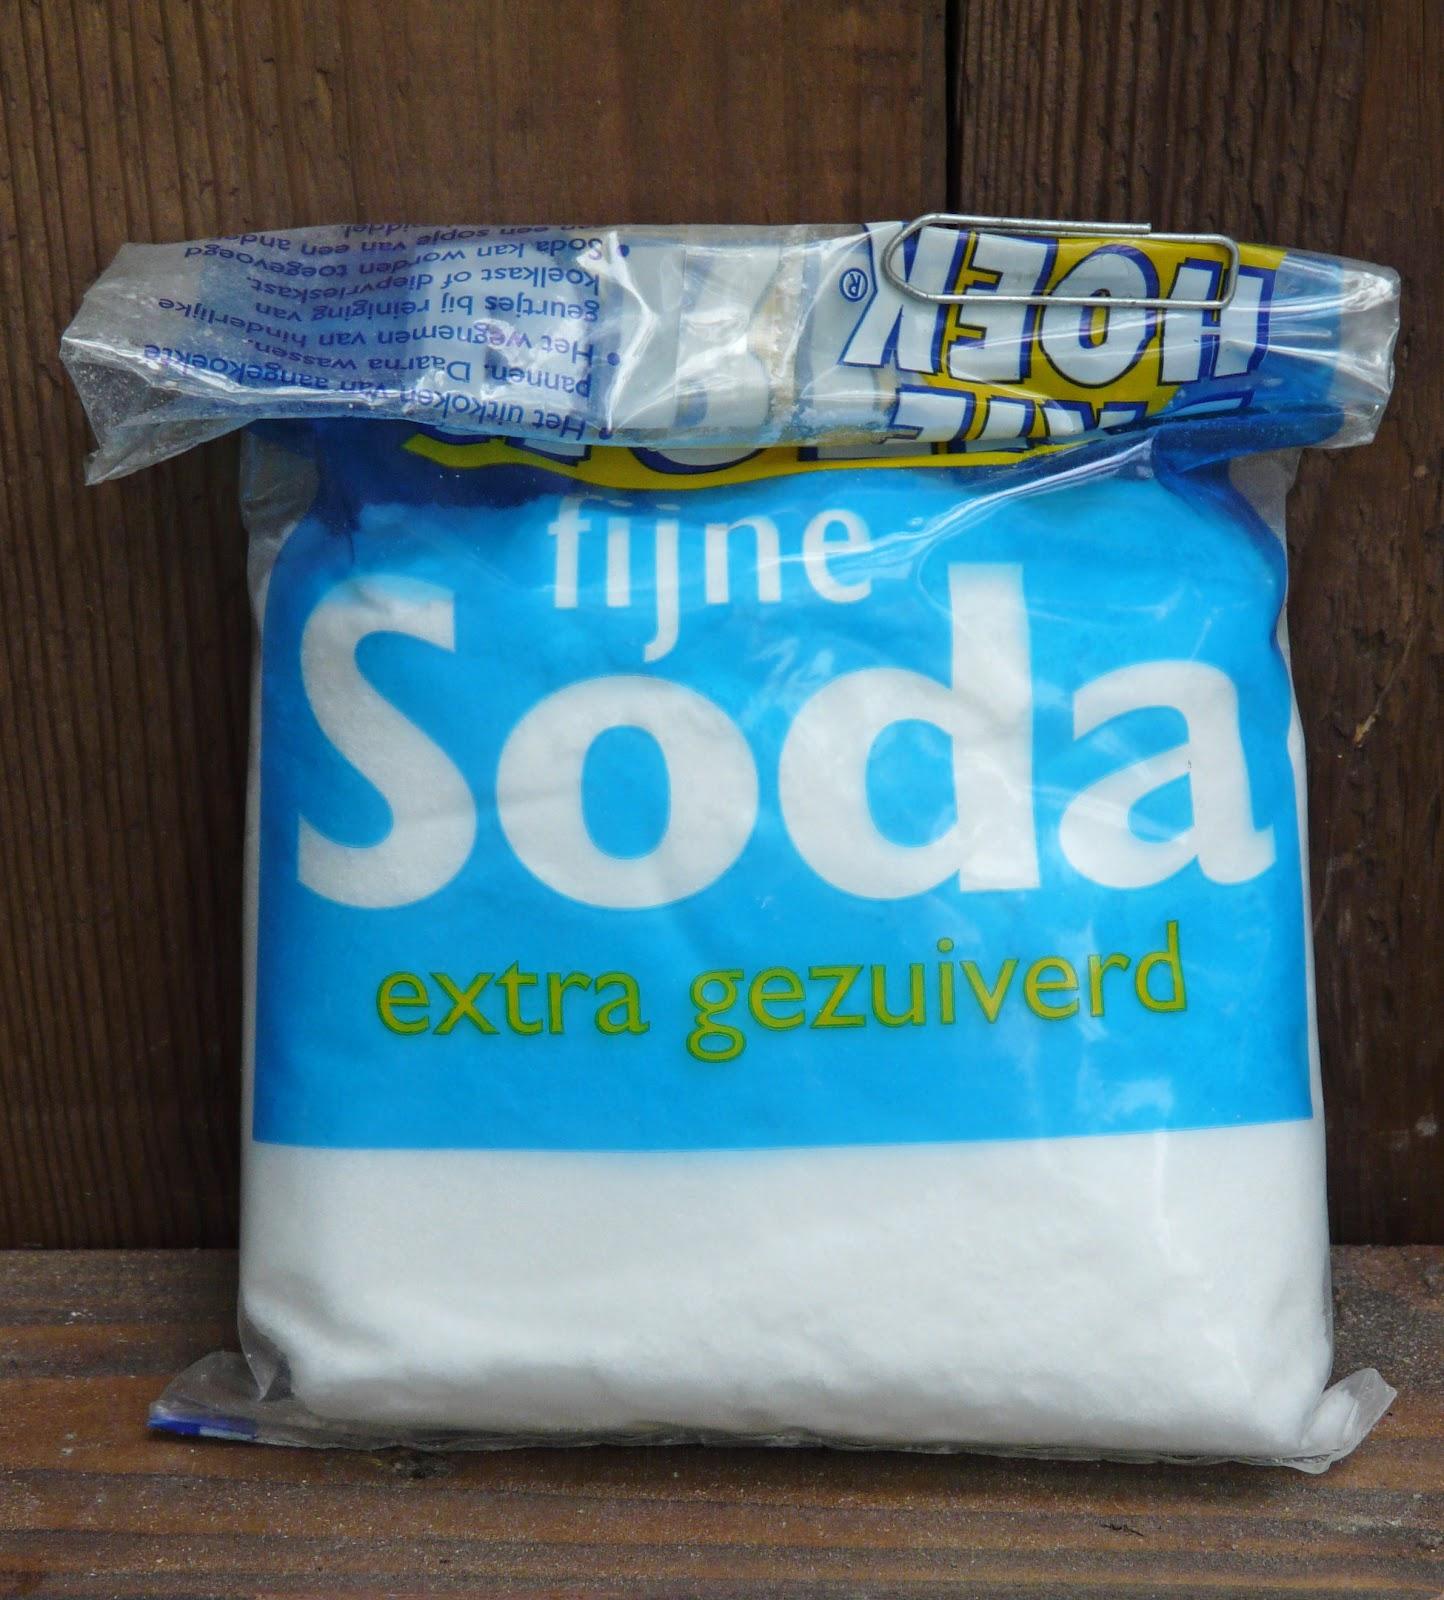 http://3.bp.blogspot.com/-yk-DEK8xQ5U/UEBuZNhbbJI/AAAAAAAAATY/OZAQQLCnAHE/s1600/blog+soda.jpg